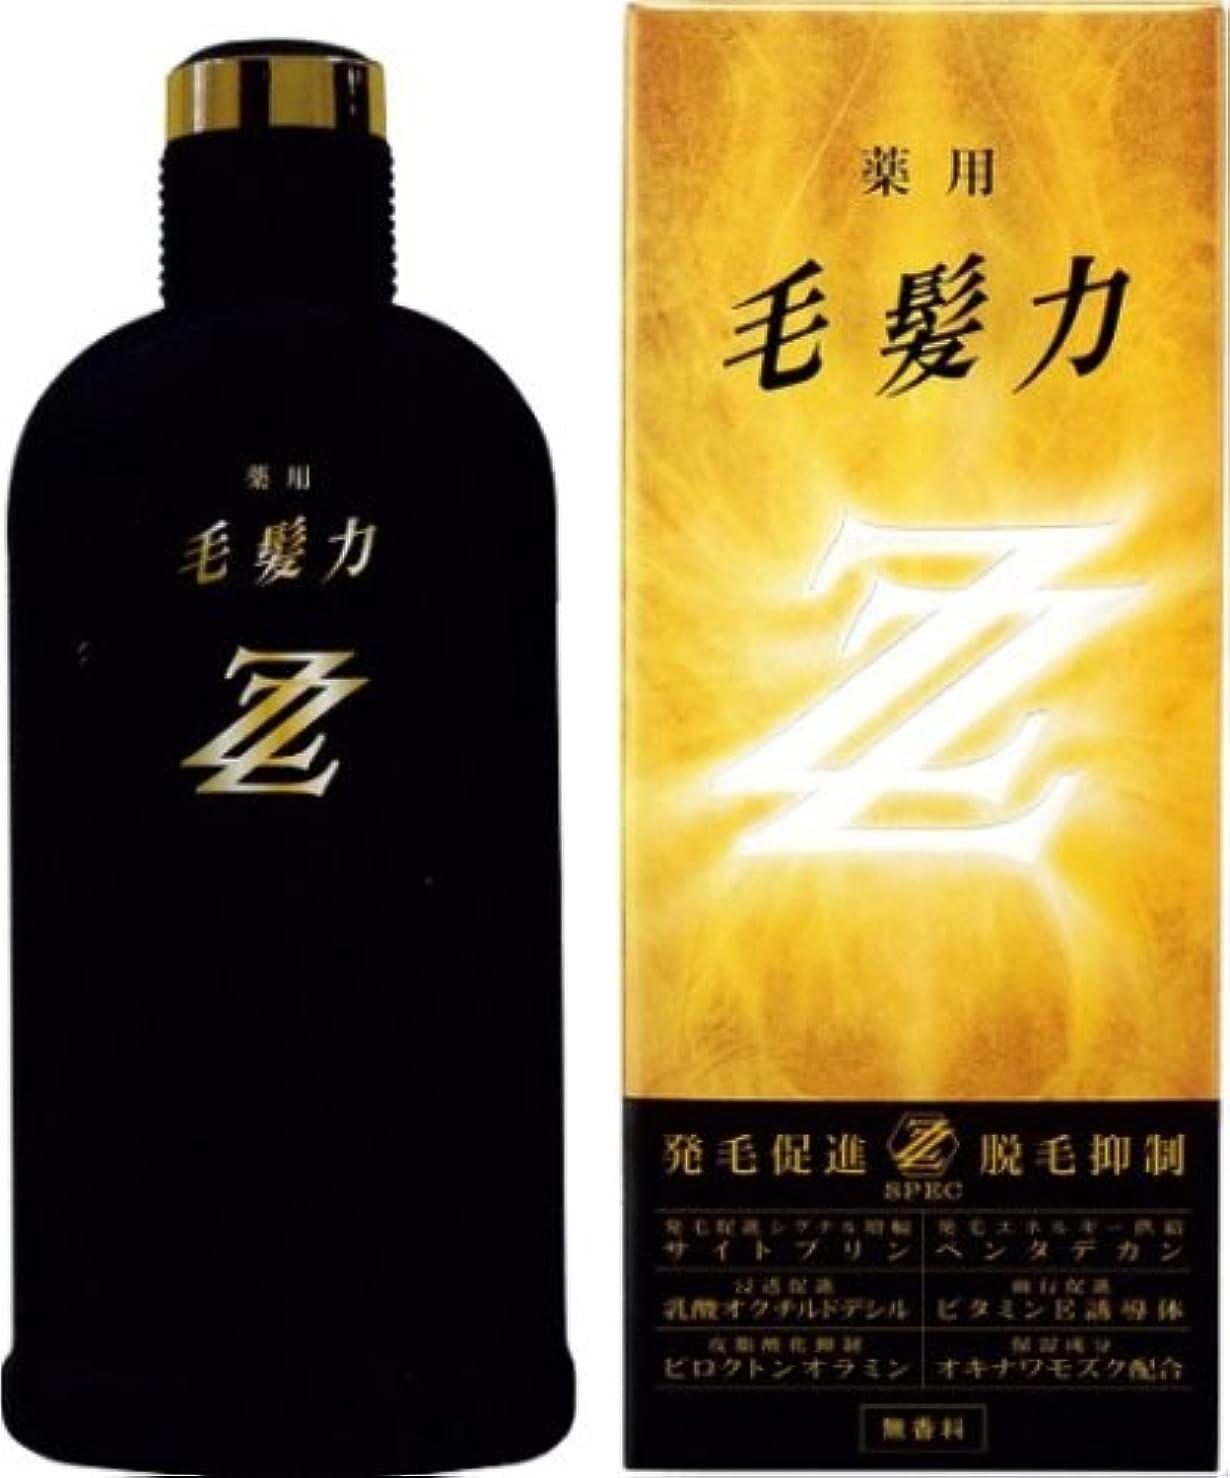 温帯多年生白菜薬用毛髪力ZZ(ダブルジー) 育毛剤 200ml(医薬部外品)